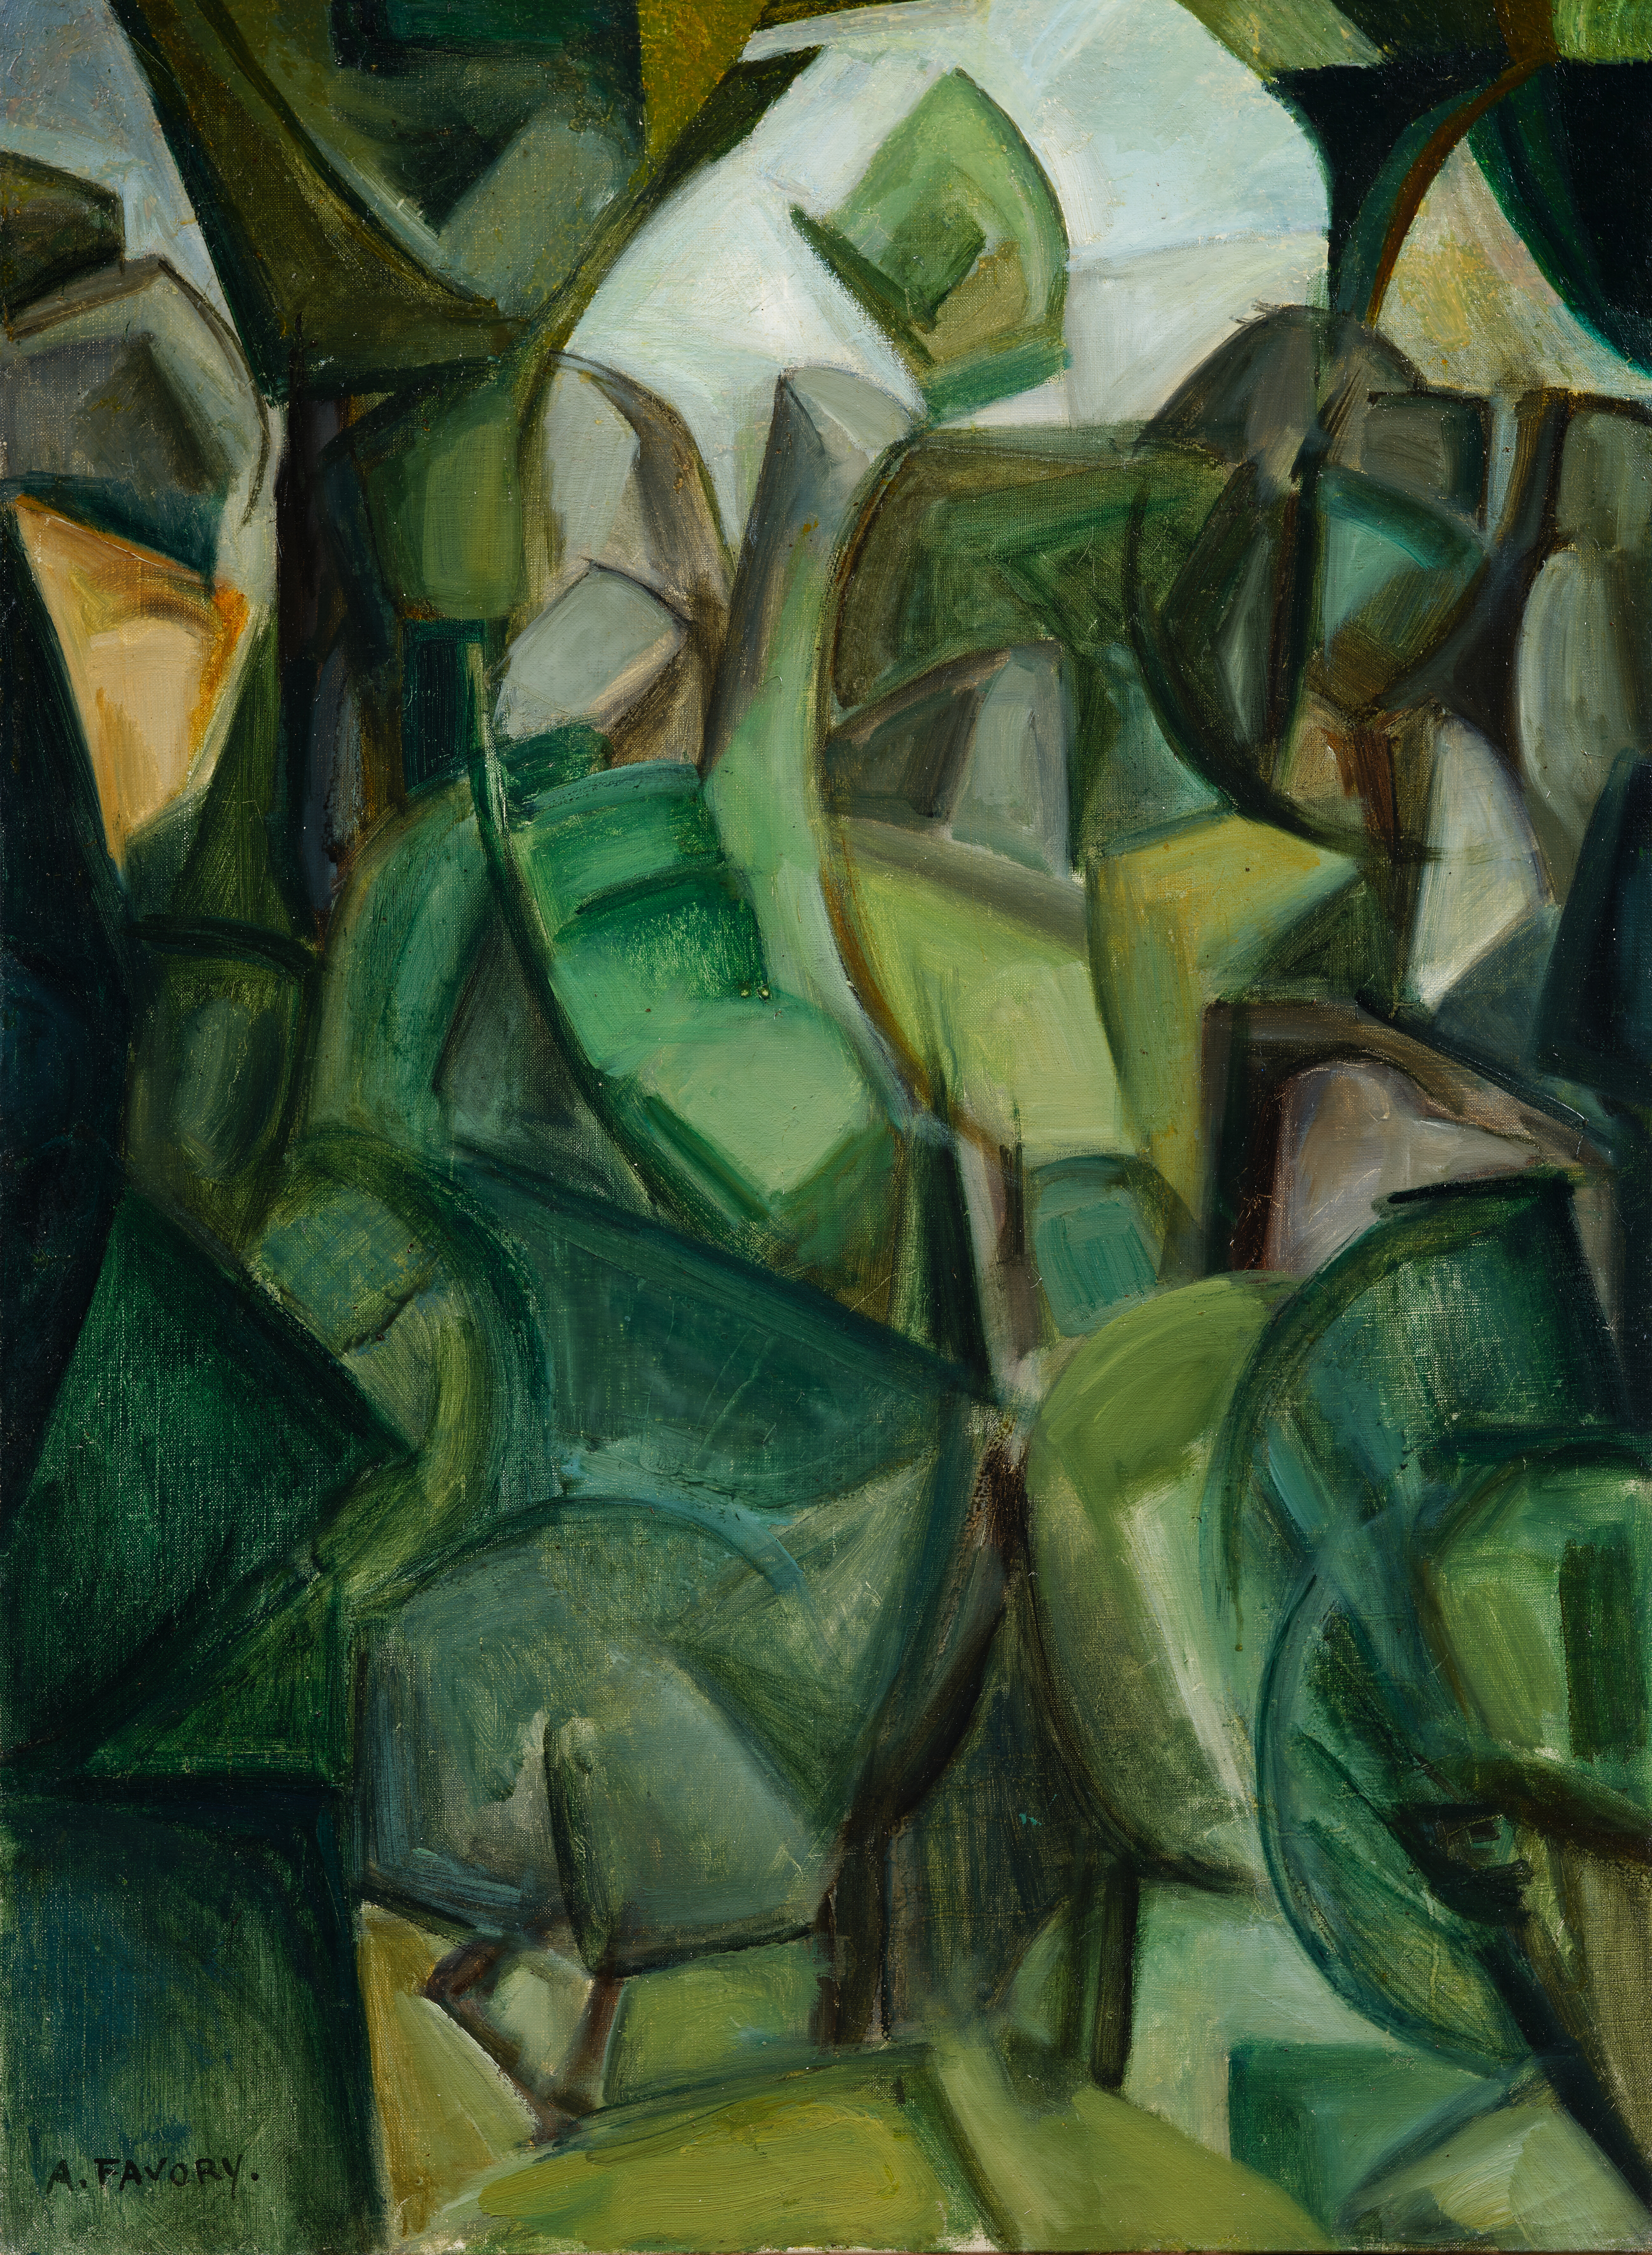 paysage cubiste, études d'arbres - tableau de André Favory, vendu par la galerie Marek & Sons